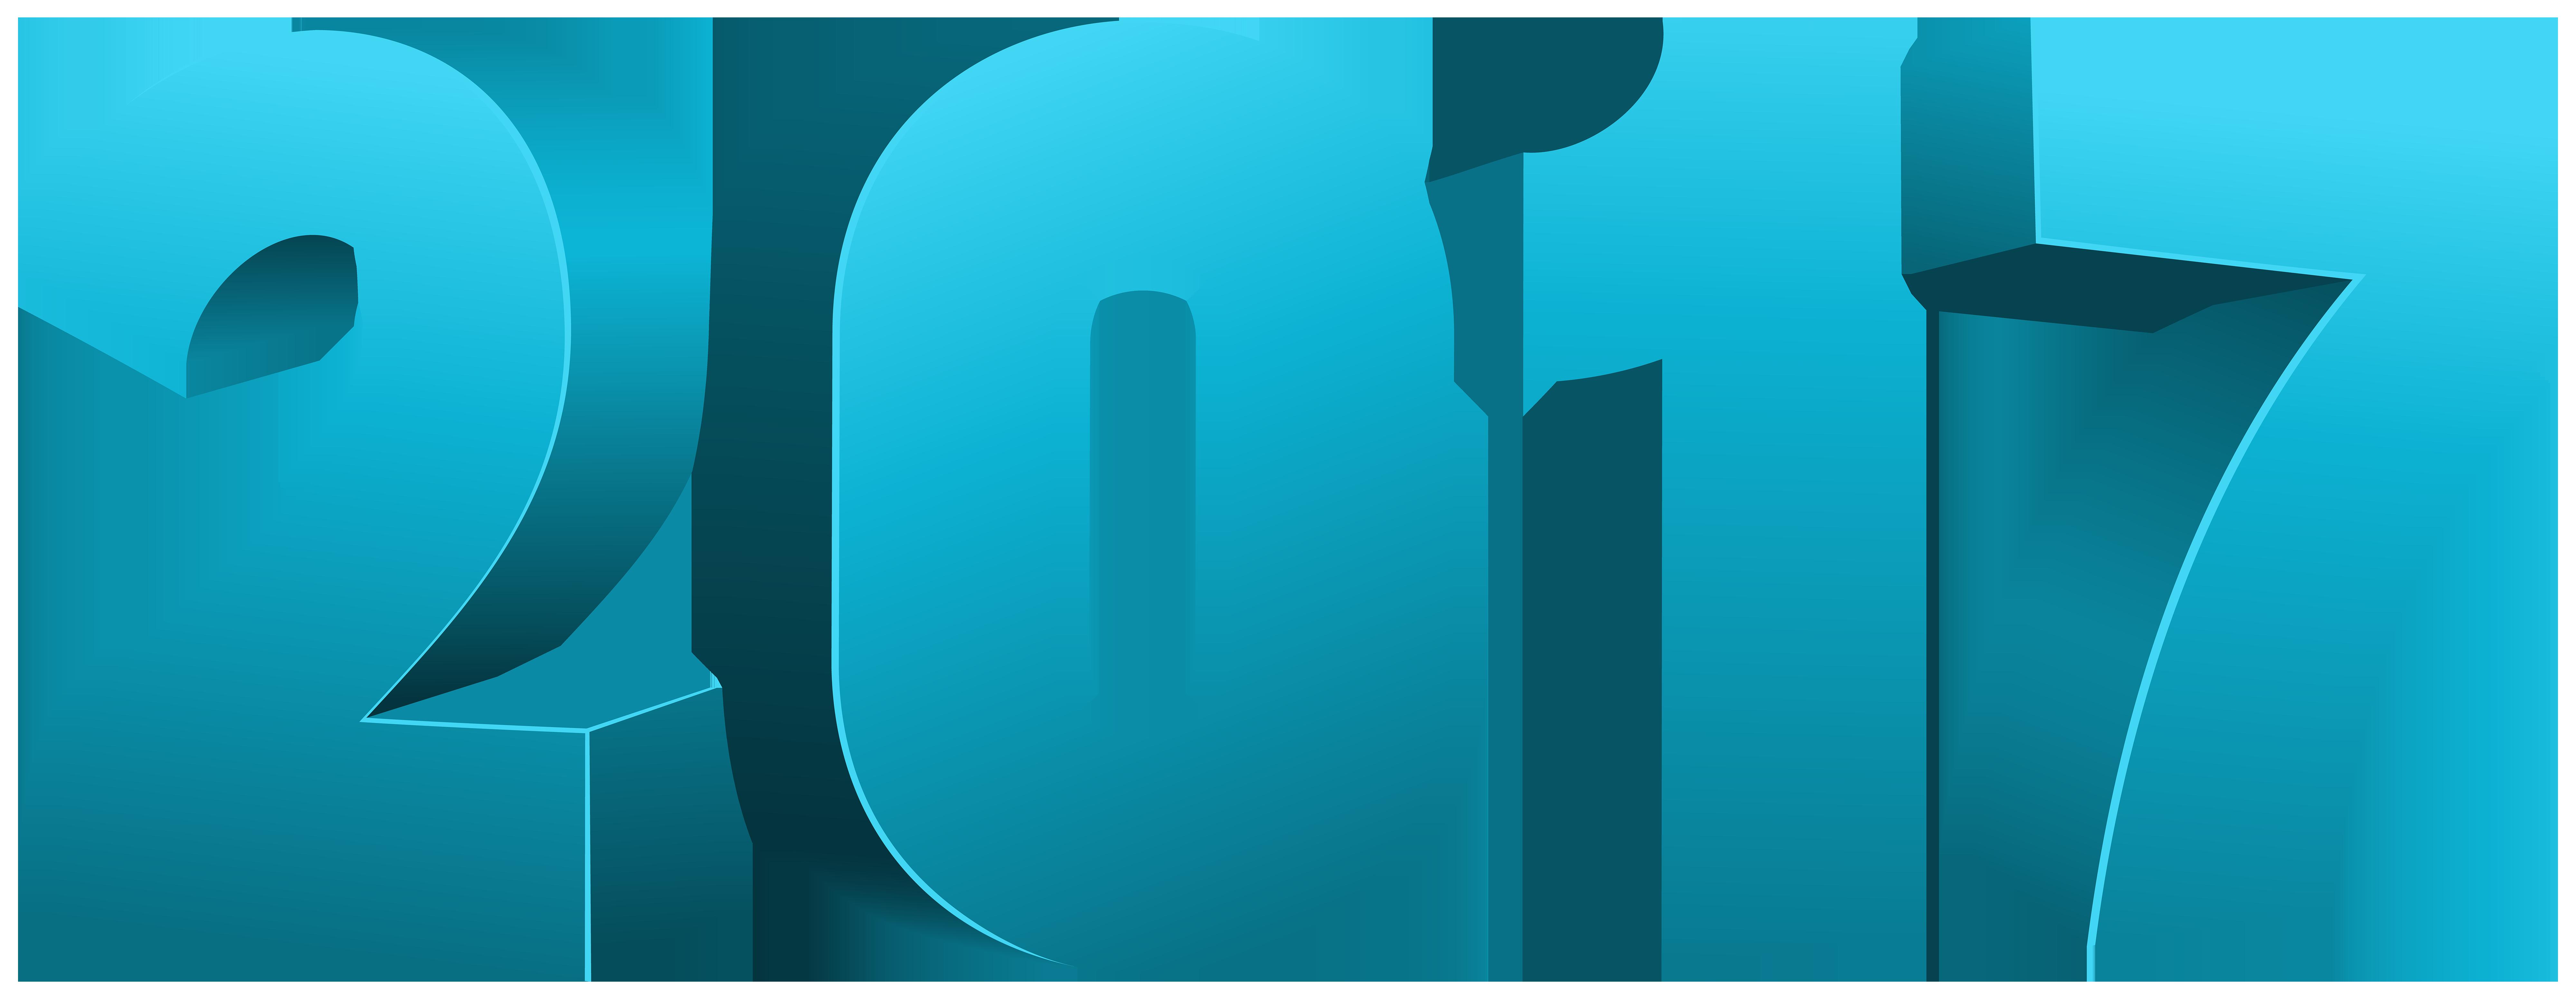 2017 Blue Large PNG Transparent Image.